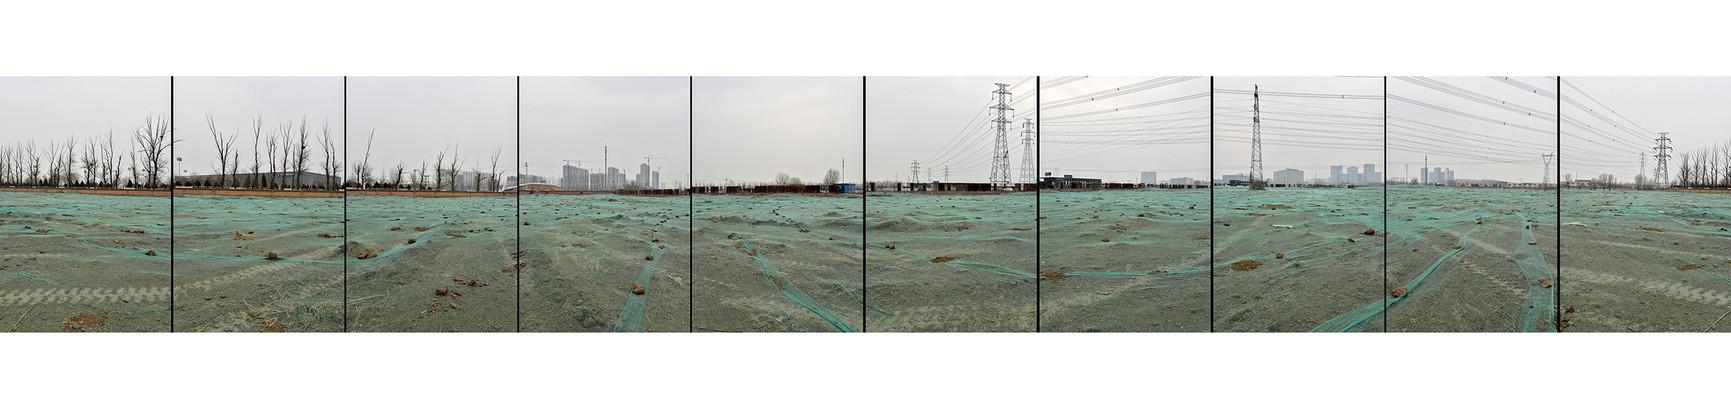 北京废墟25.jpg